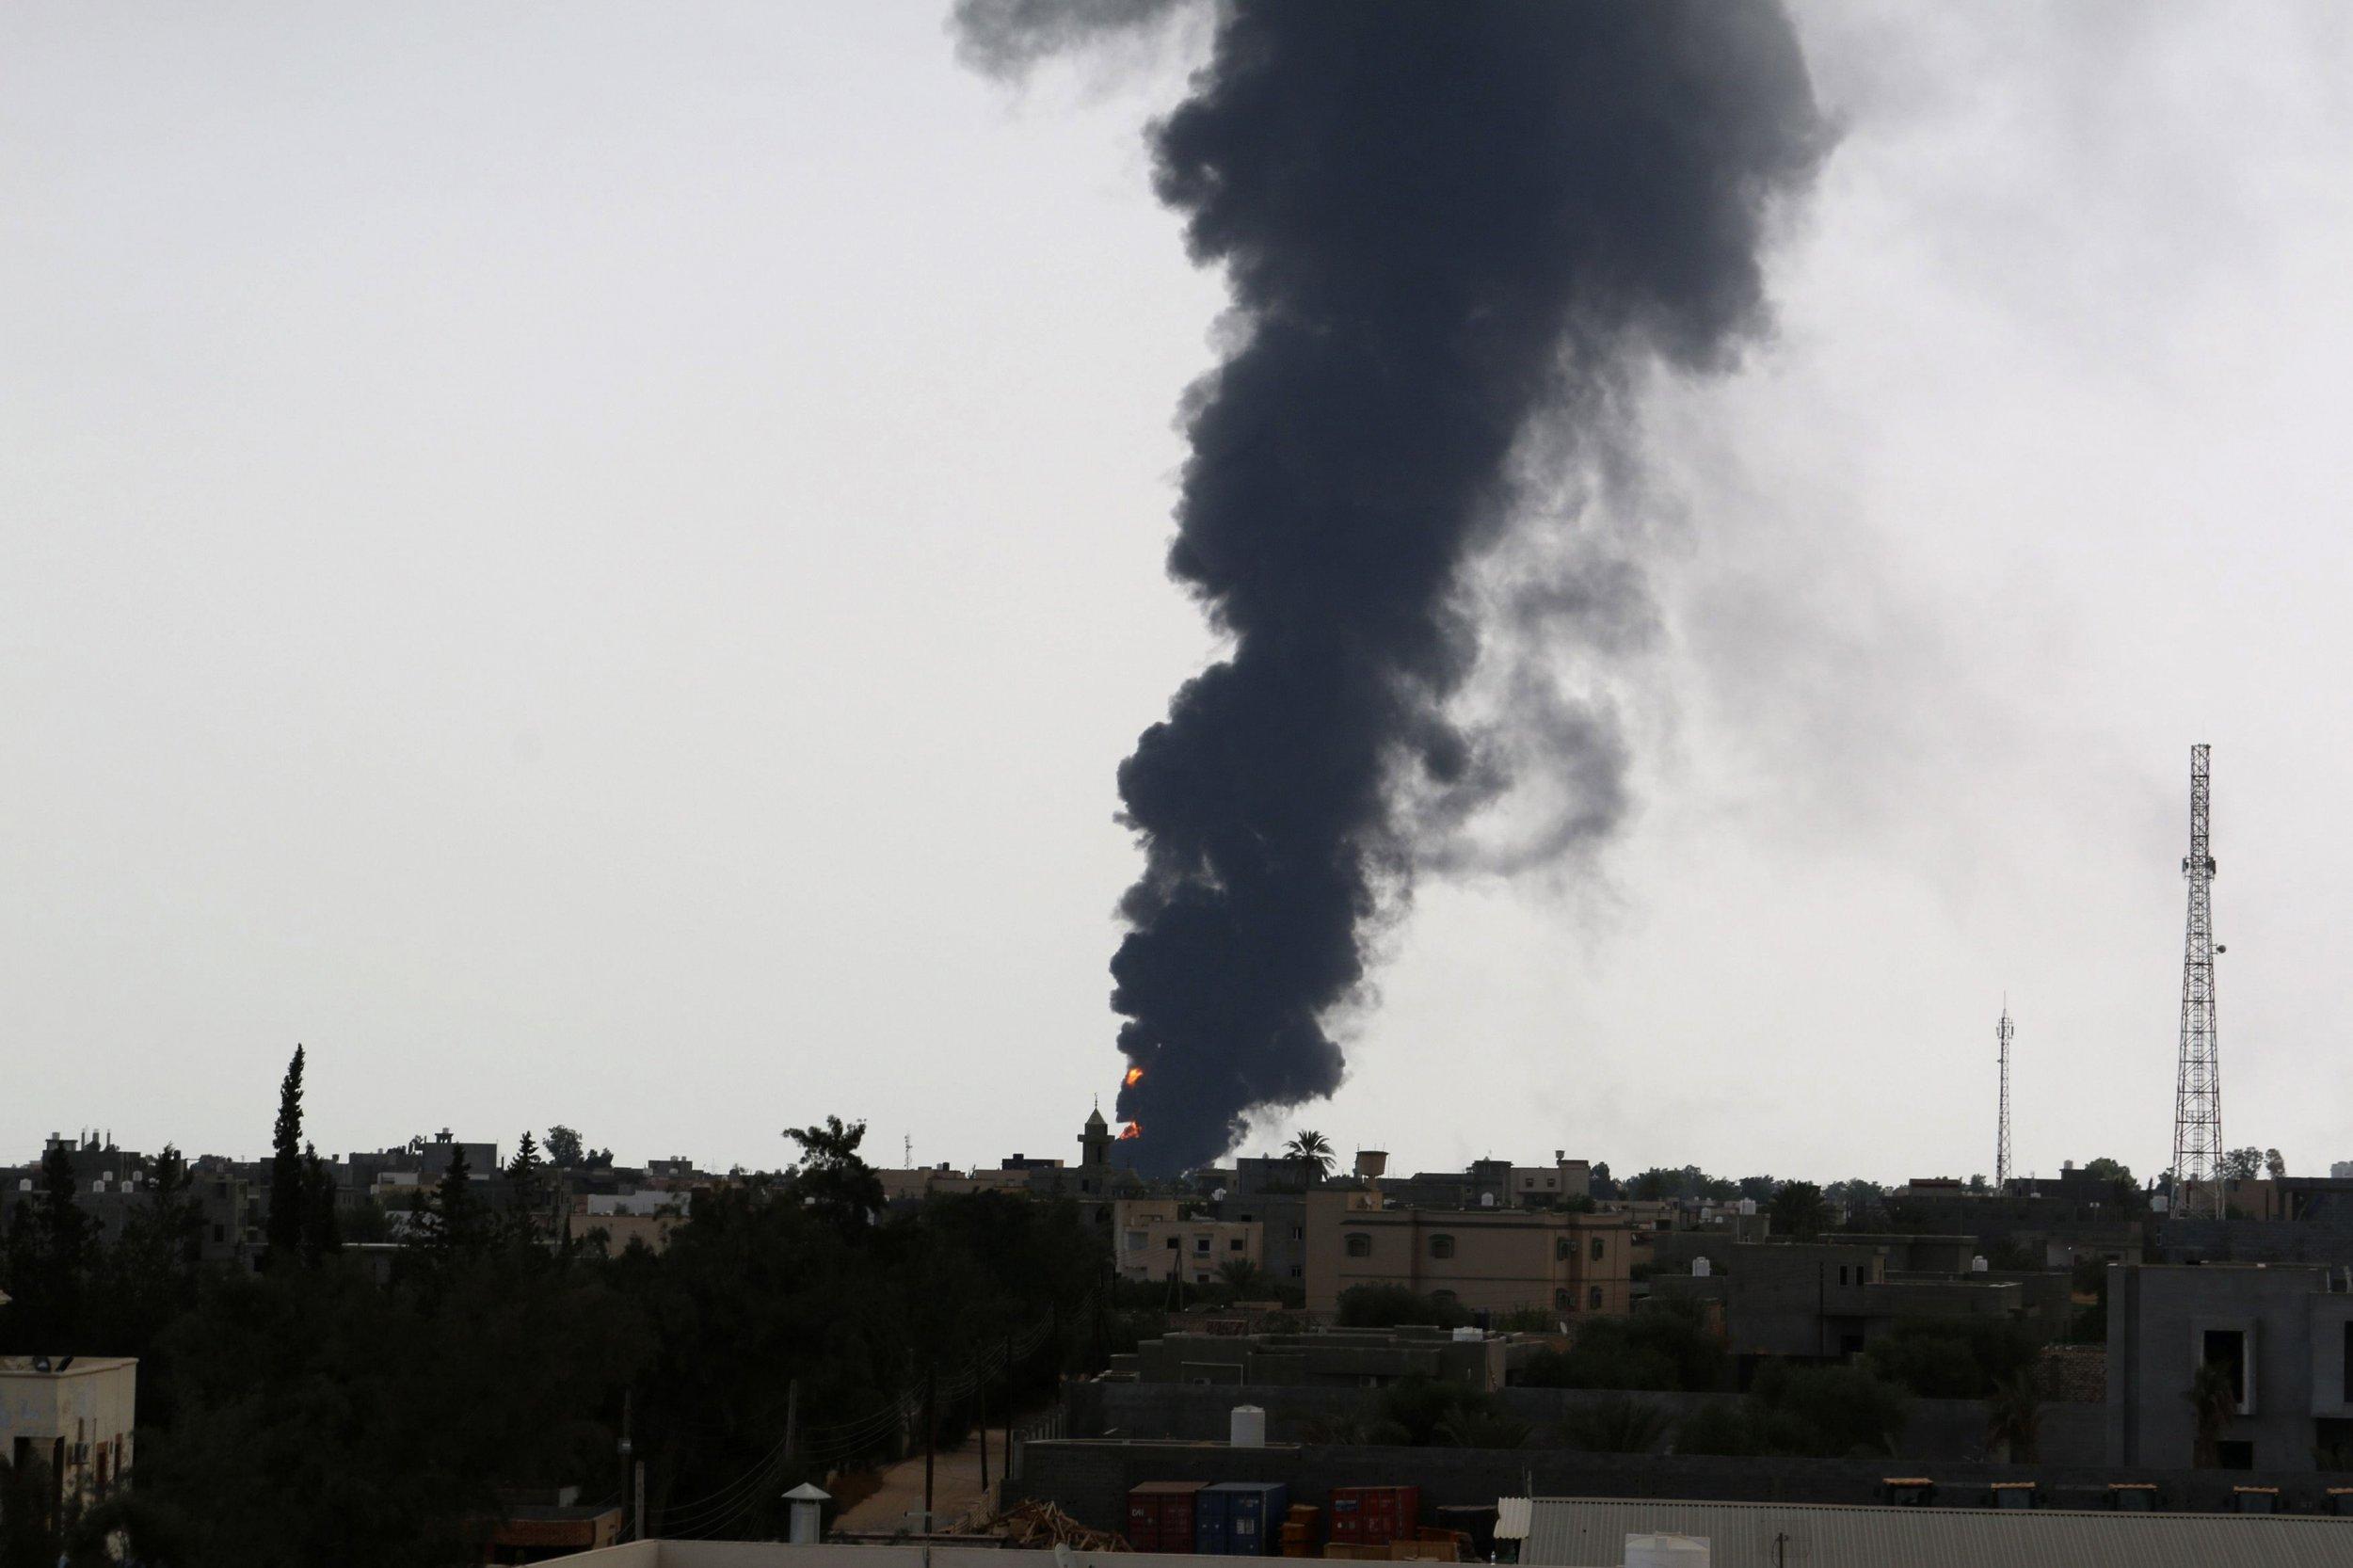 Tripoli blaze